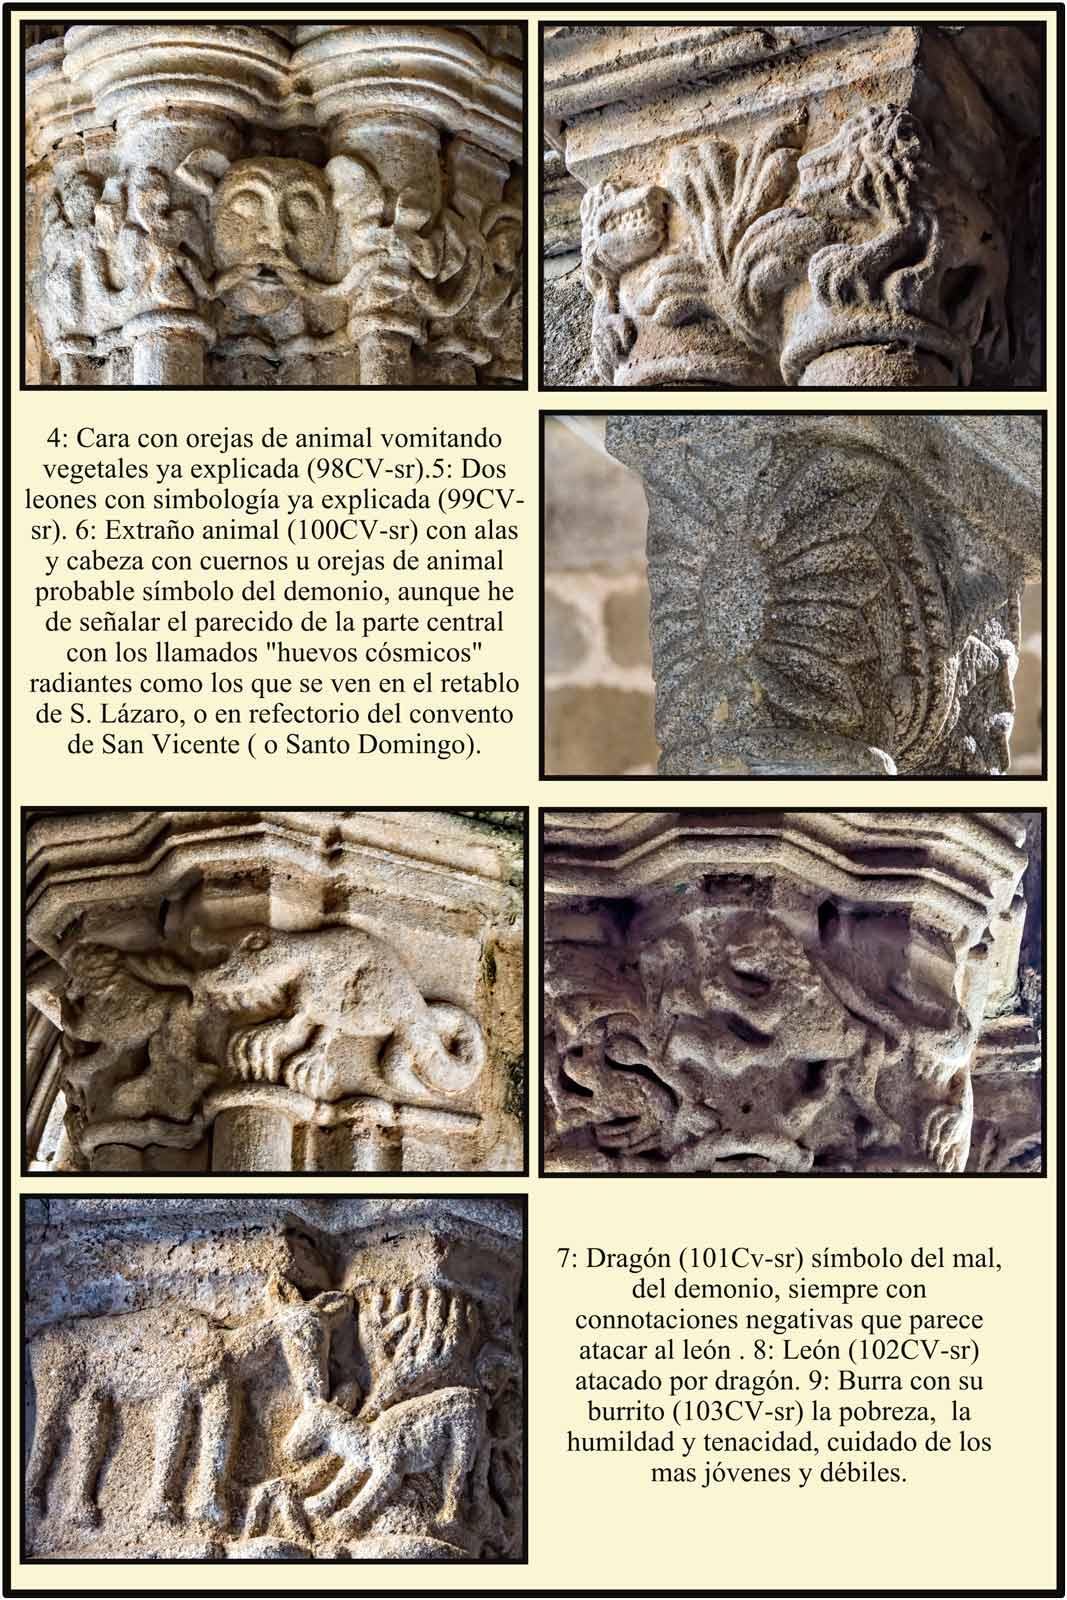 Simbolos del mal y del bien en capiteles romanicos del claustro de la Catedral Vieja